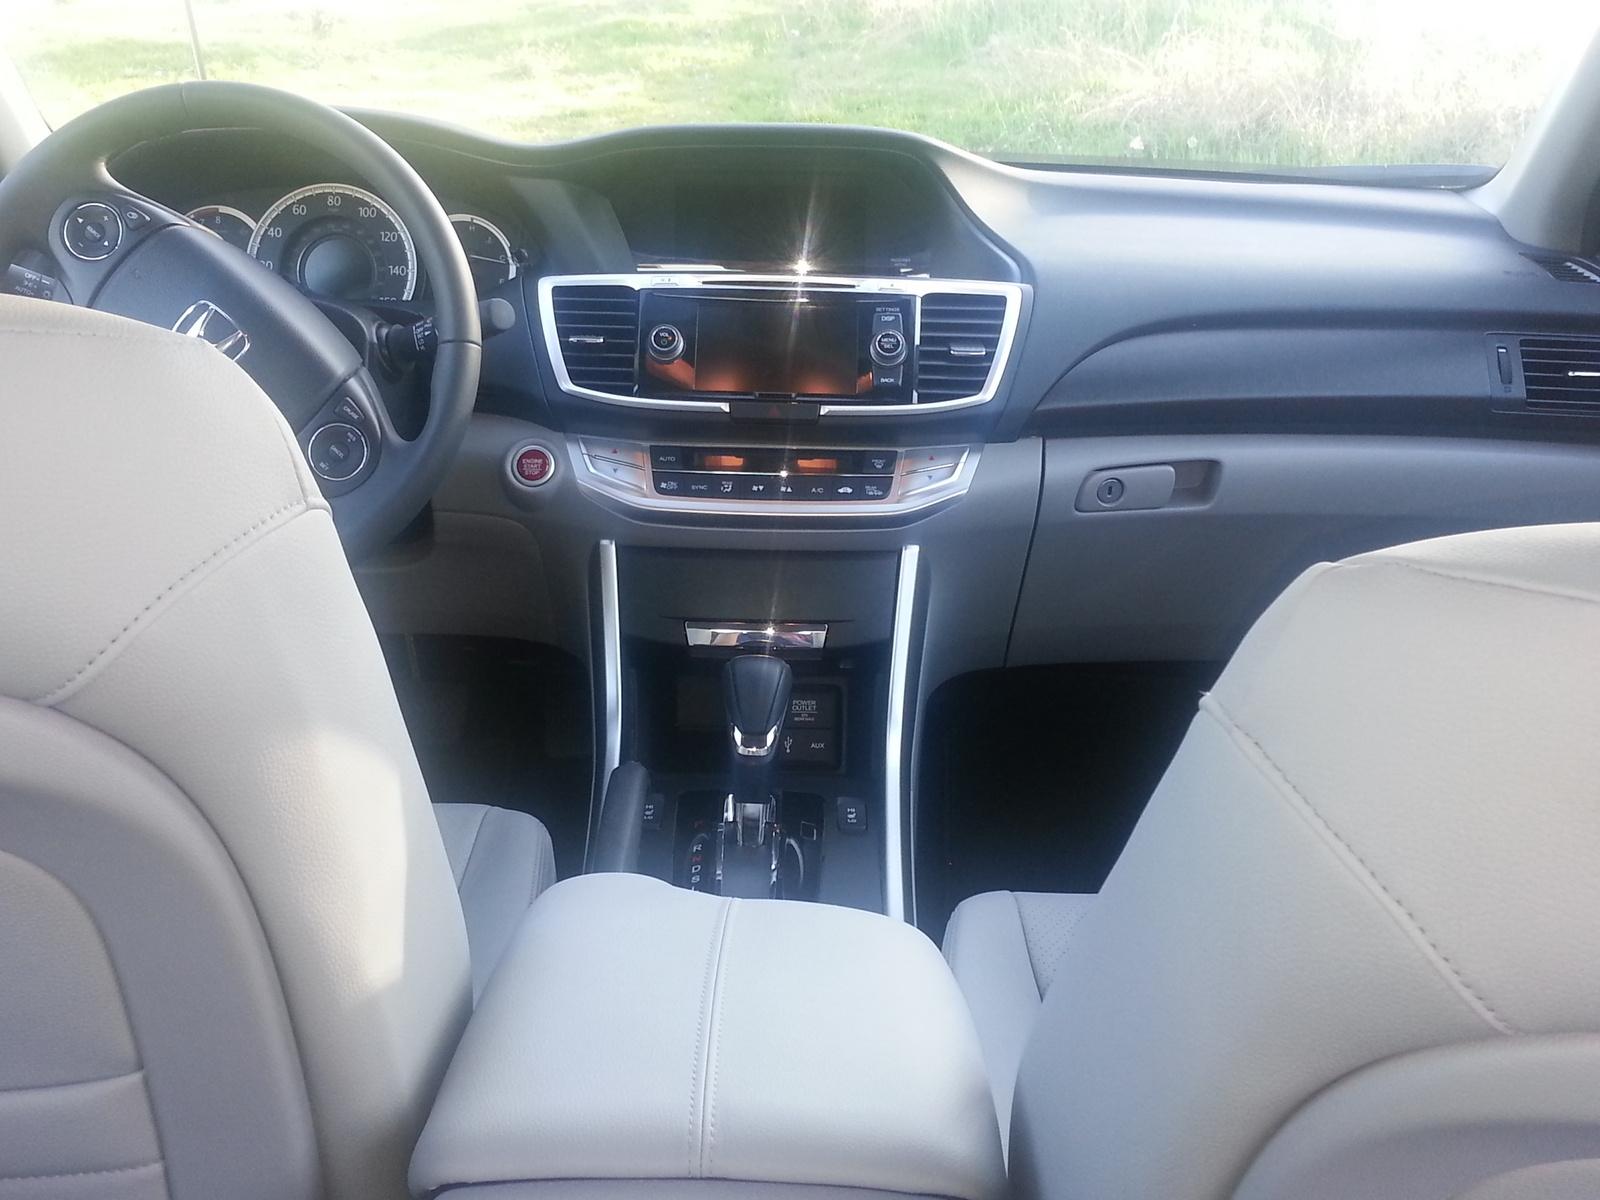 2014 honda accord interior pictures cargurus - Honda accord coupe 2014 interior ...